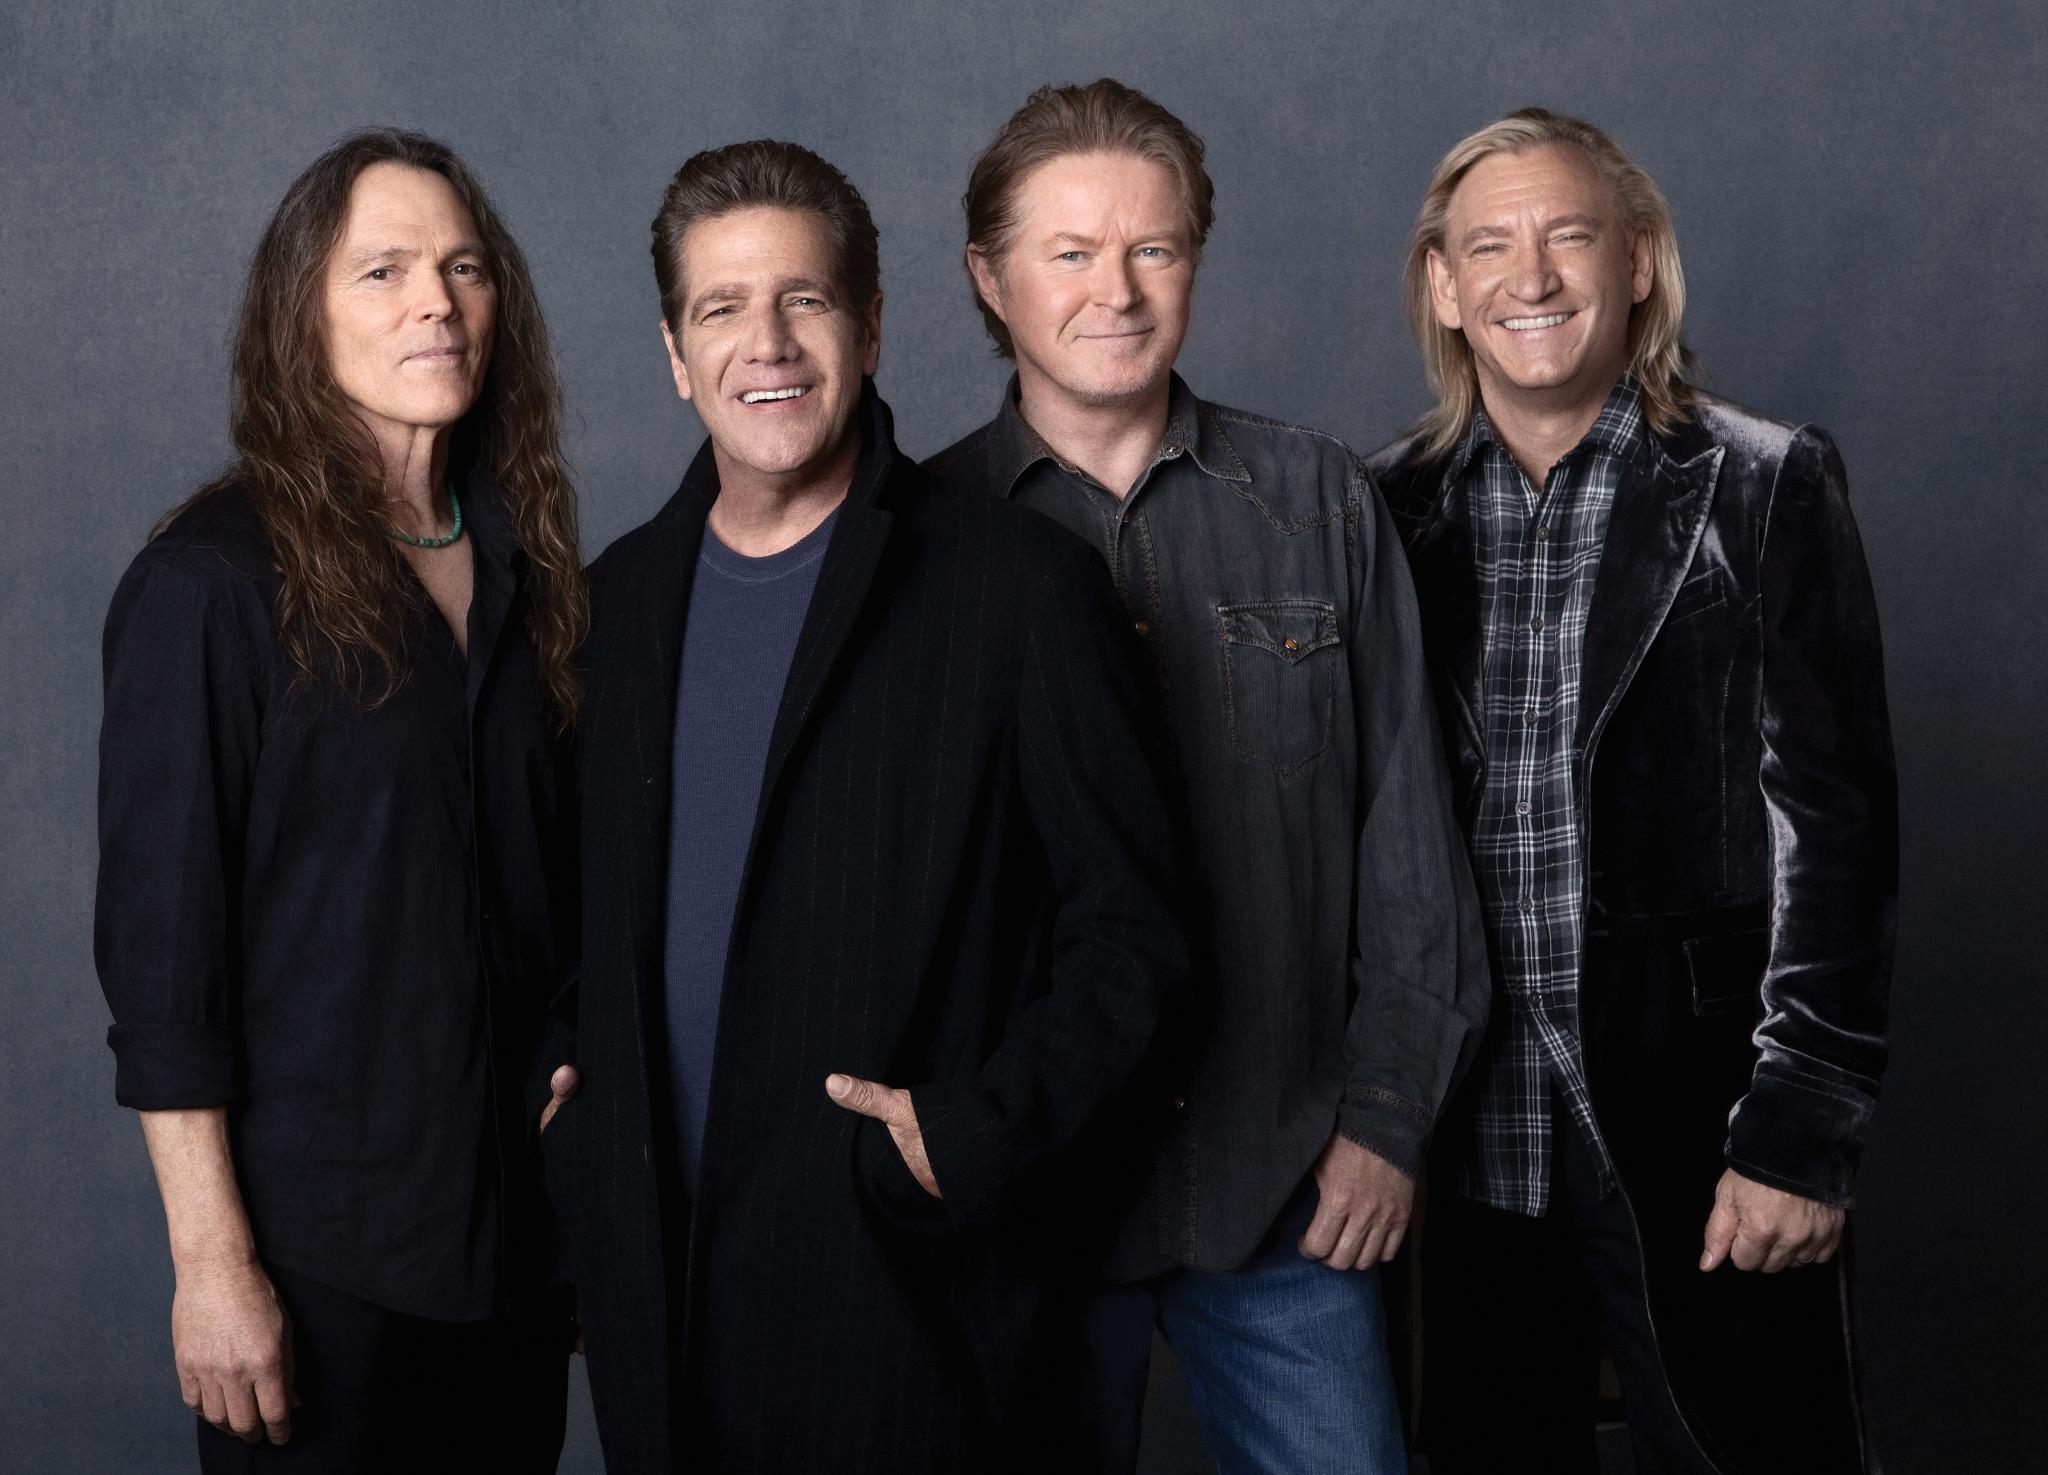 Musica Internazionale, Concerti. Gli Eagles in concerto a Londra nel 2020